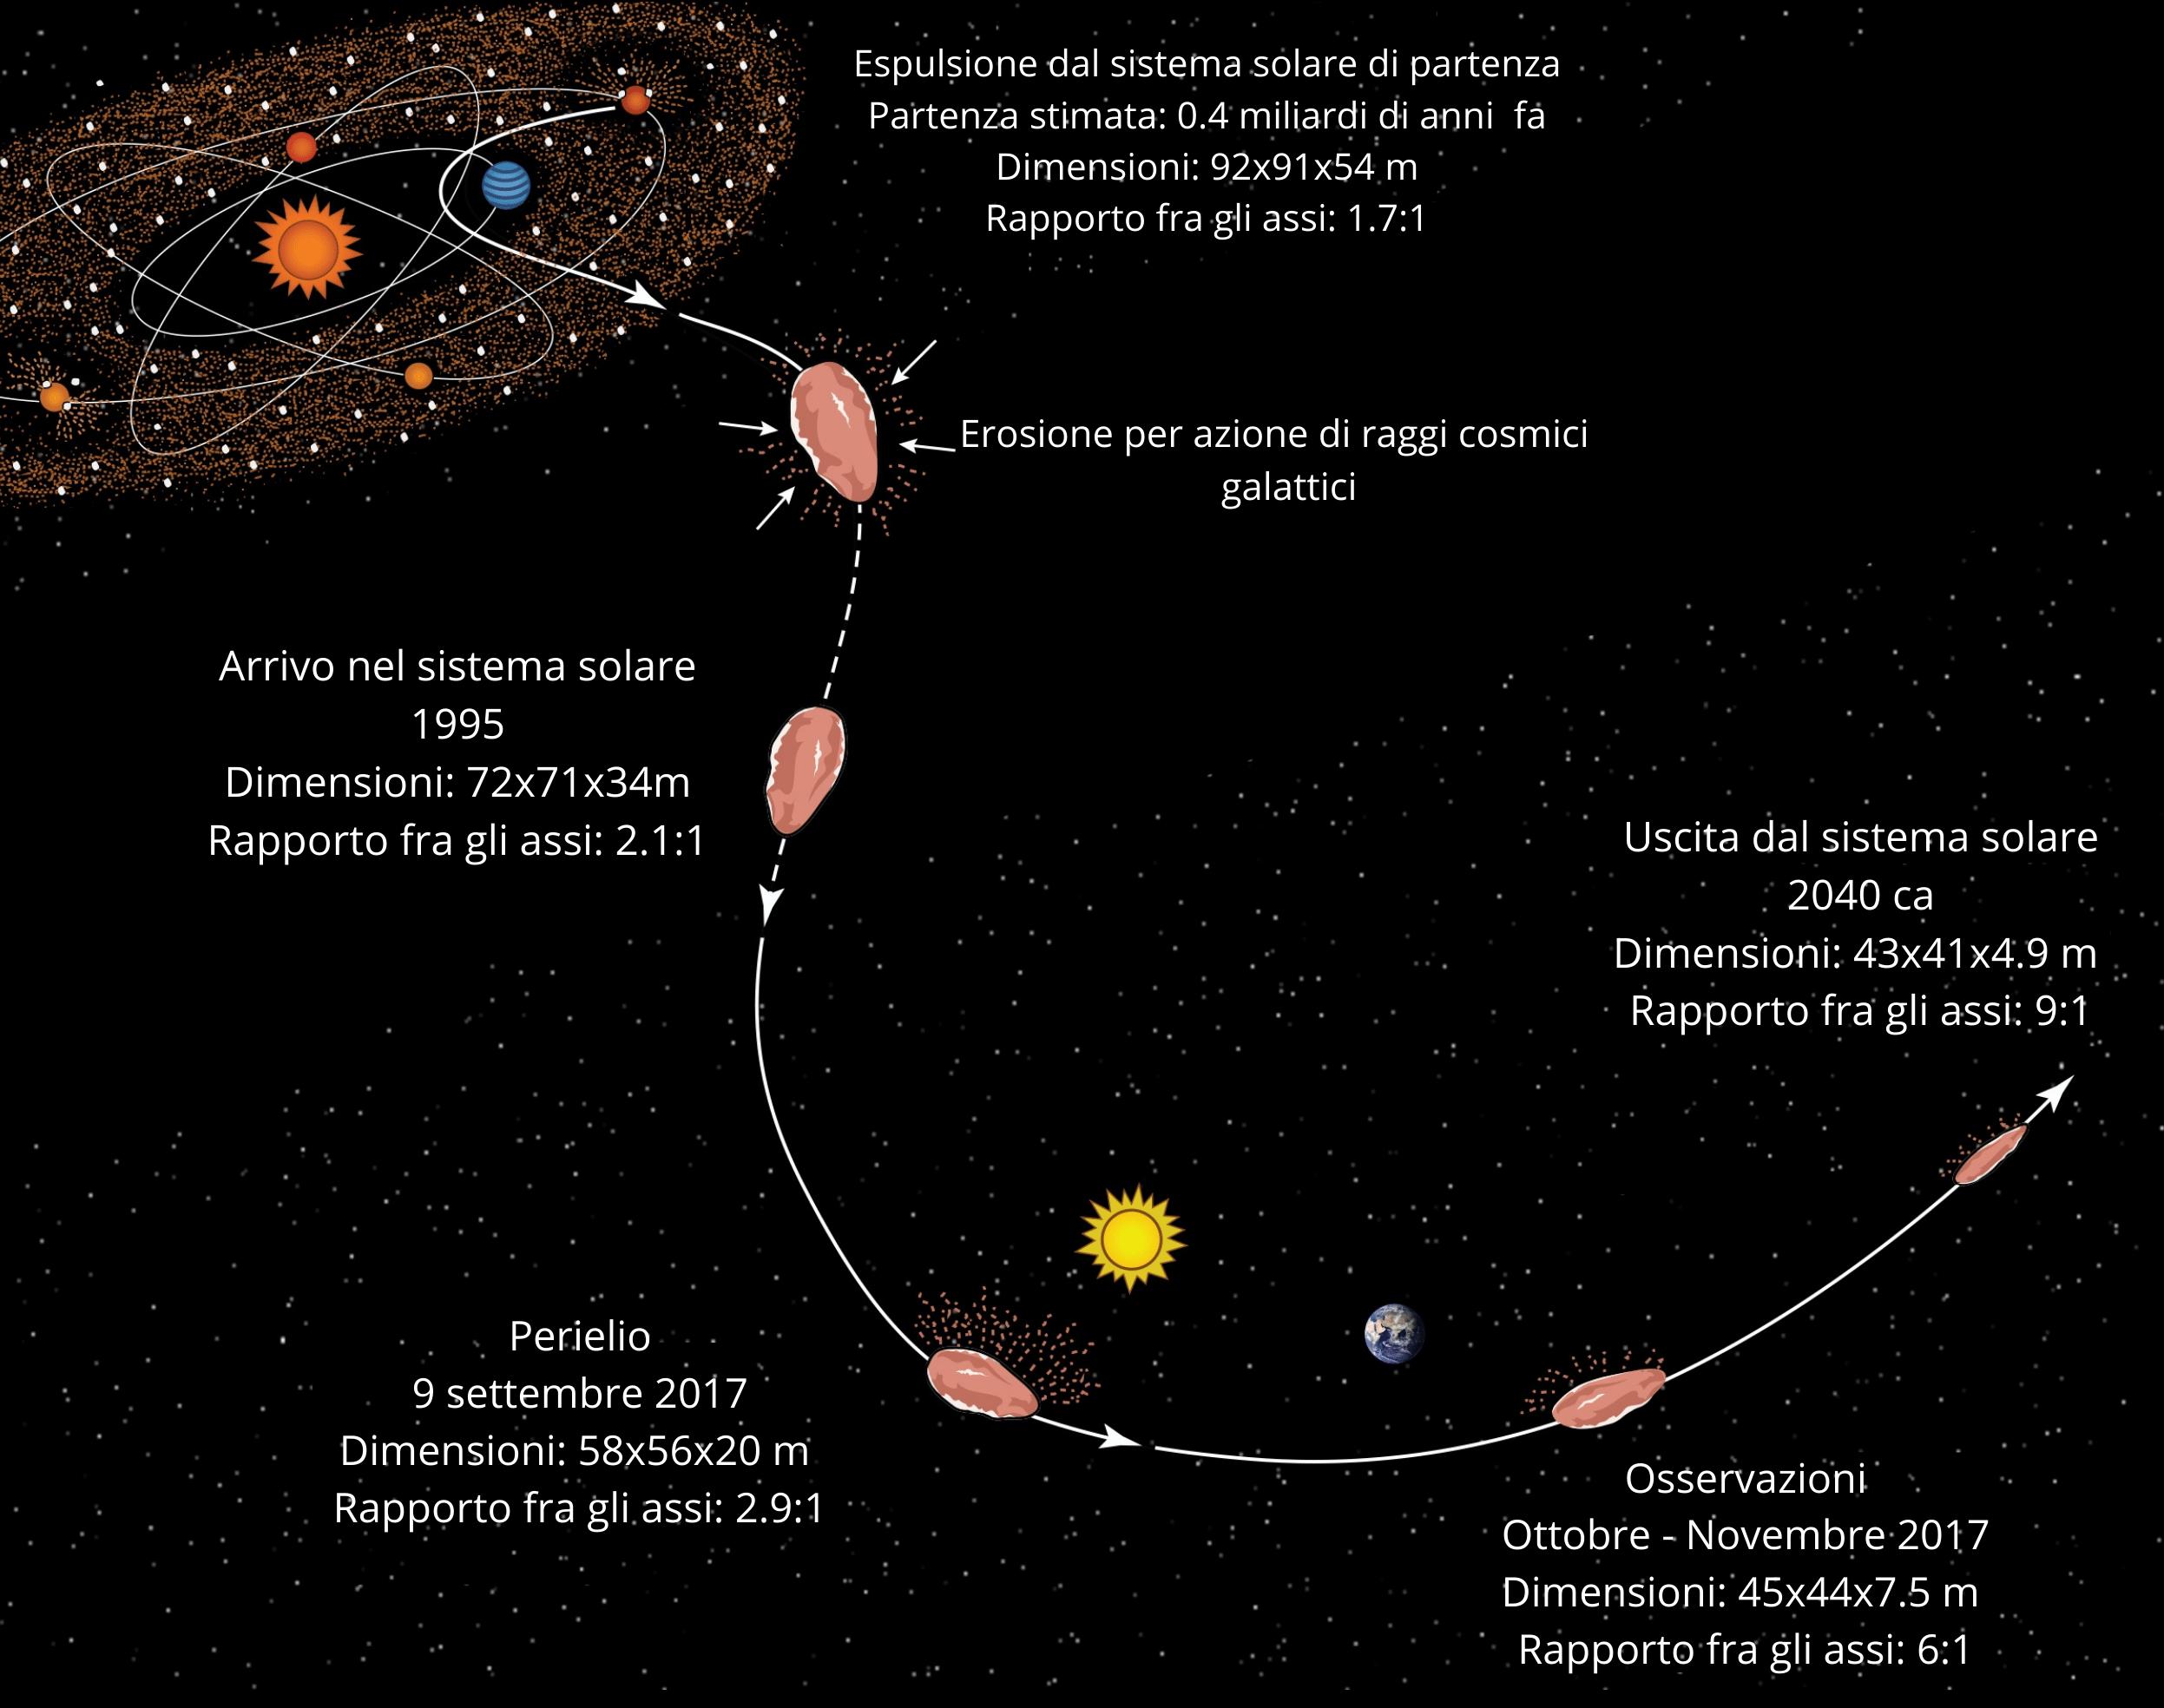 La storia di oumuamua, a partire dalla sua formazione, stimata a 0.4 miliardi di anni fa. Per ogni passaggio interstellare sono rappresentate le dimensioni e il rapporto fra lunghezza e altezza. Credits: S. Selkirk/ASU. Traduzione Astrospace.it